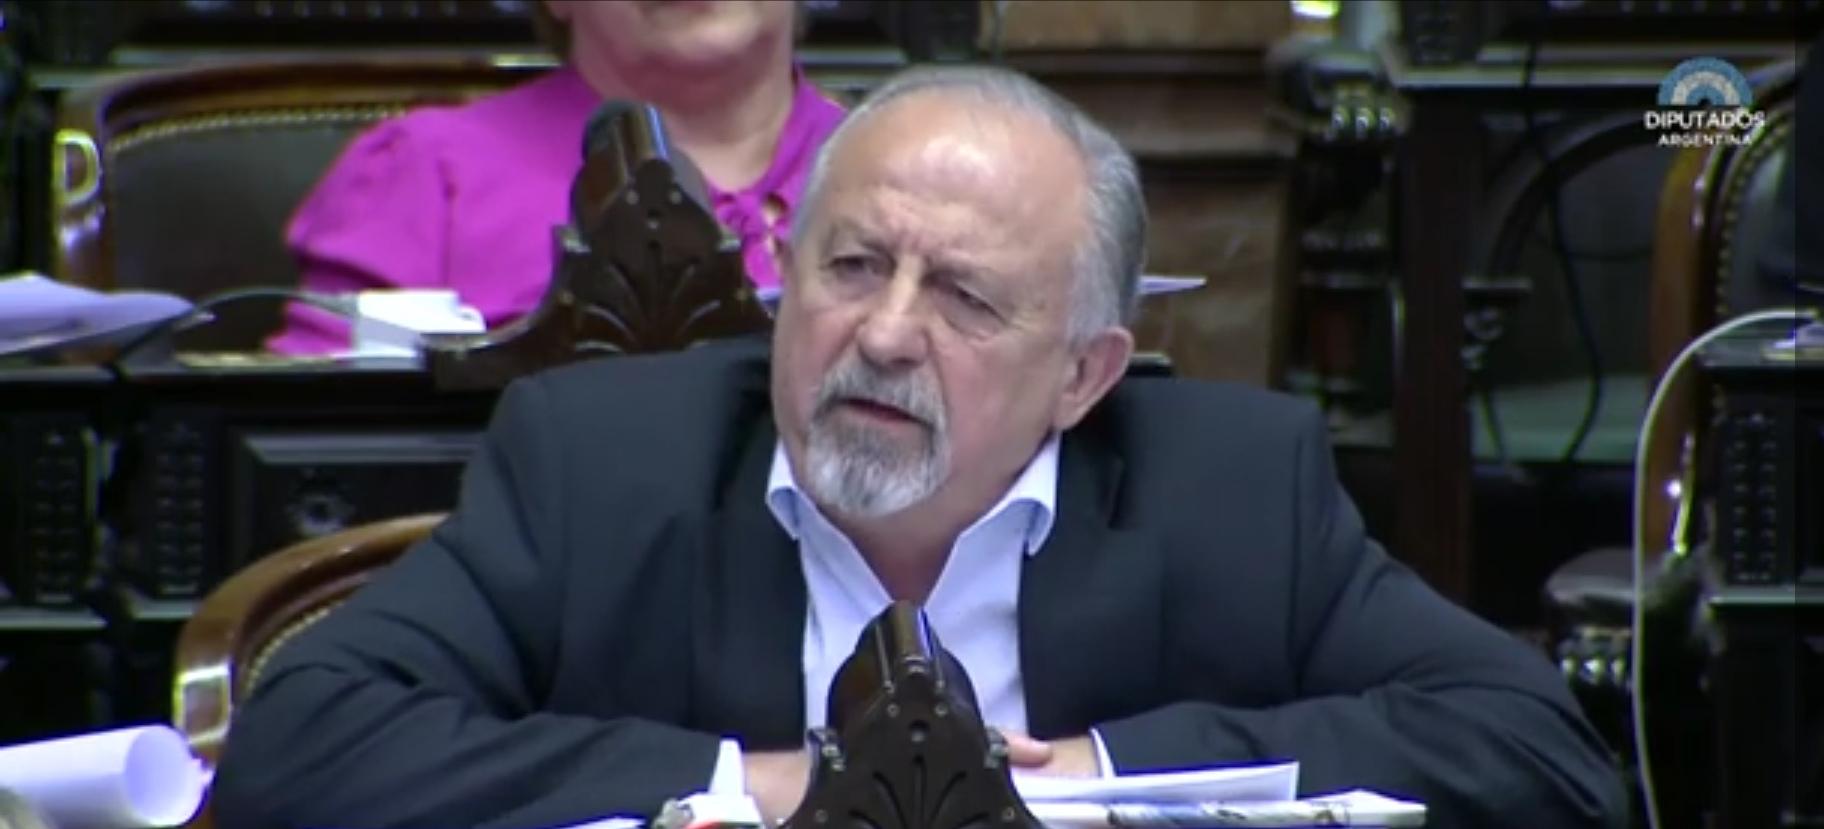 El legislador Hugo Yasky debatiendo en el congreso